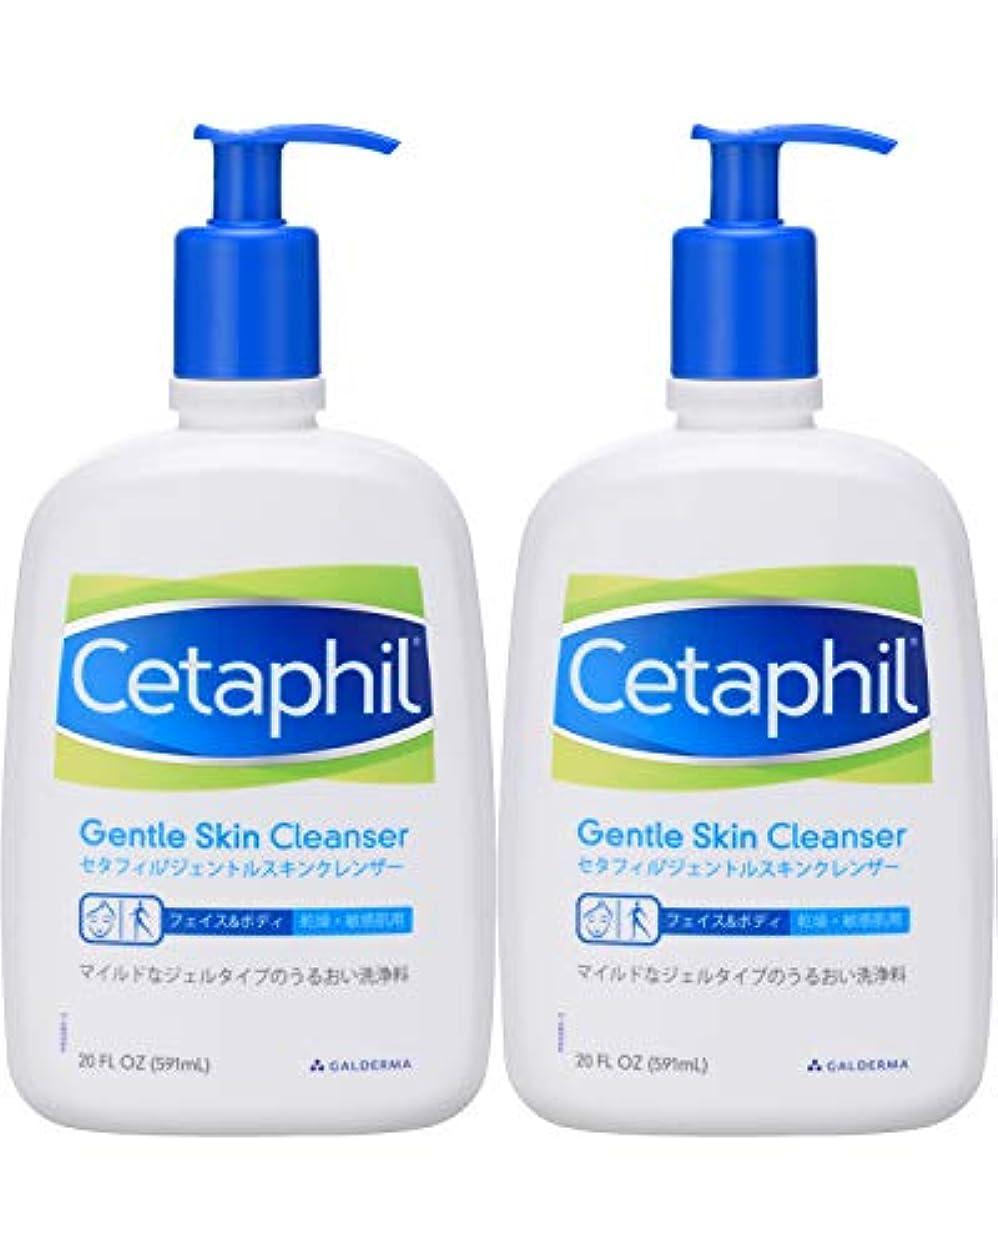 永遠のアスレチックロードハウスセタフィル Cetaphil ® ジェントルスキンクレンザー 591ml 2本組 ( フェイス & ボディ 洗浄料 クレンザー )